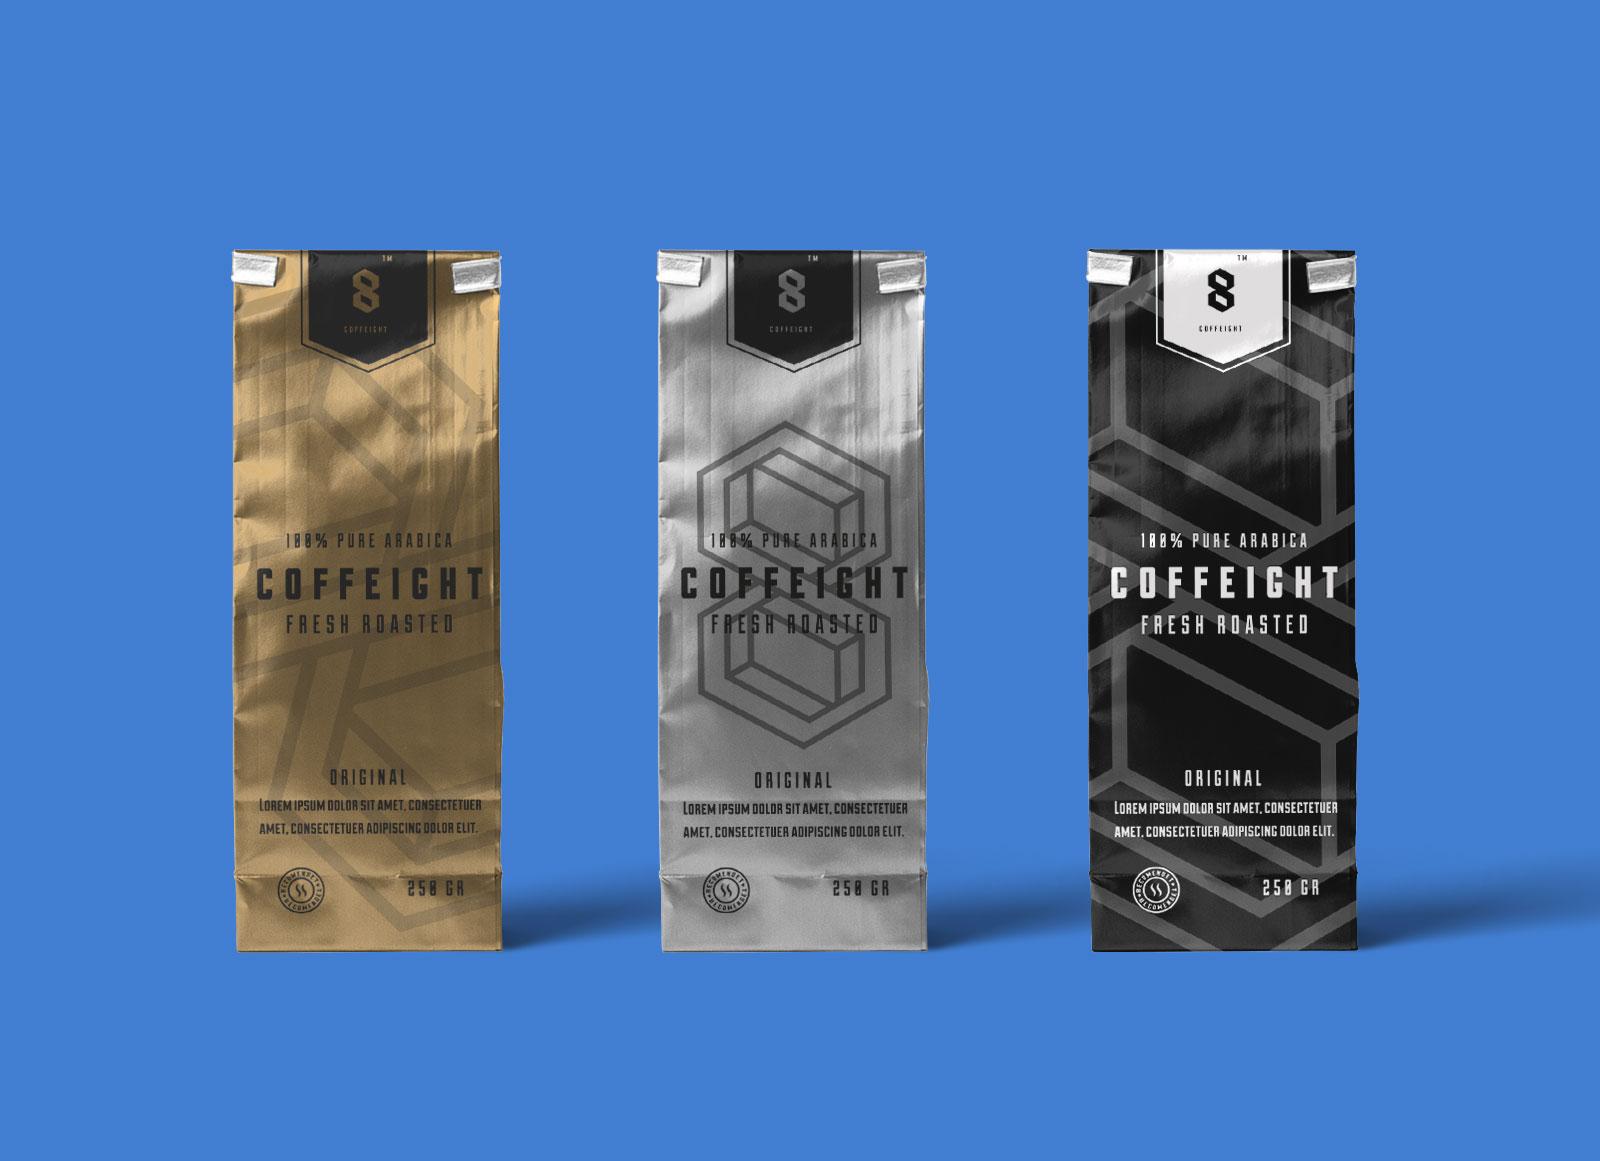 Free-Aluminium-Coffee-Bag-Packaging-Mockup-PSD